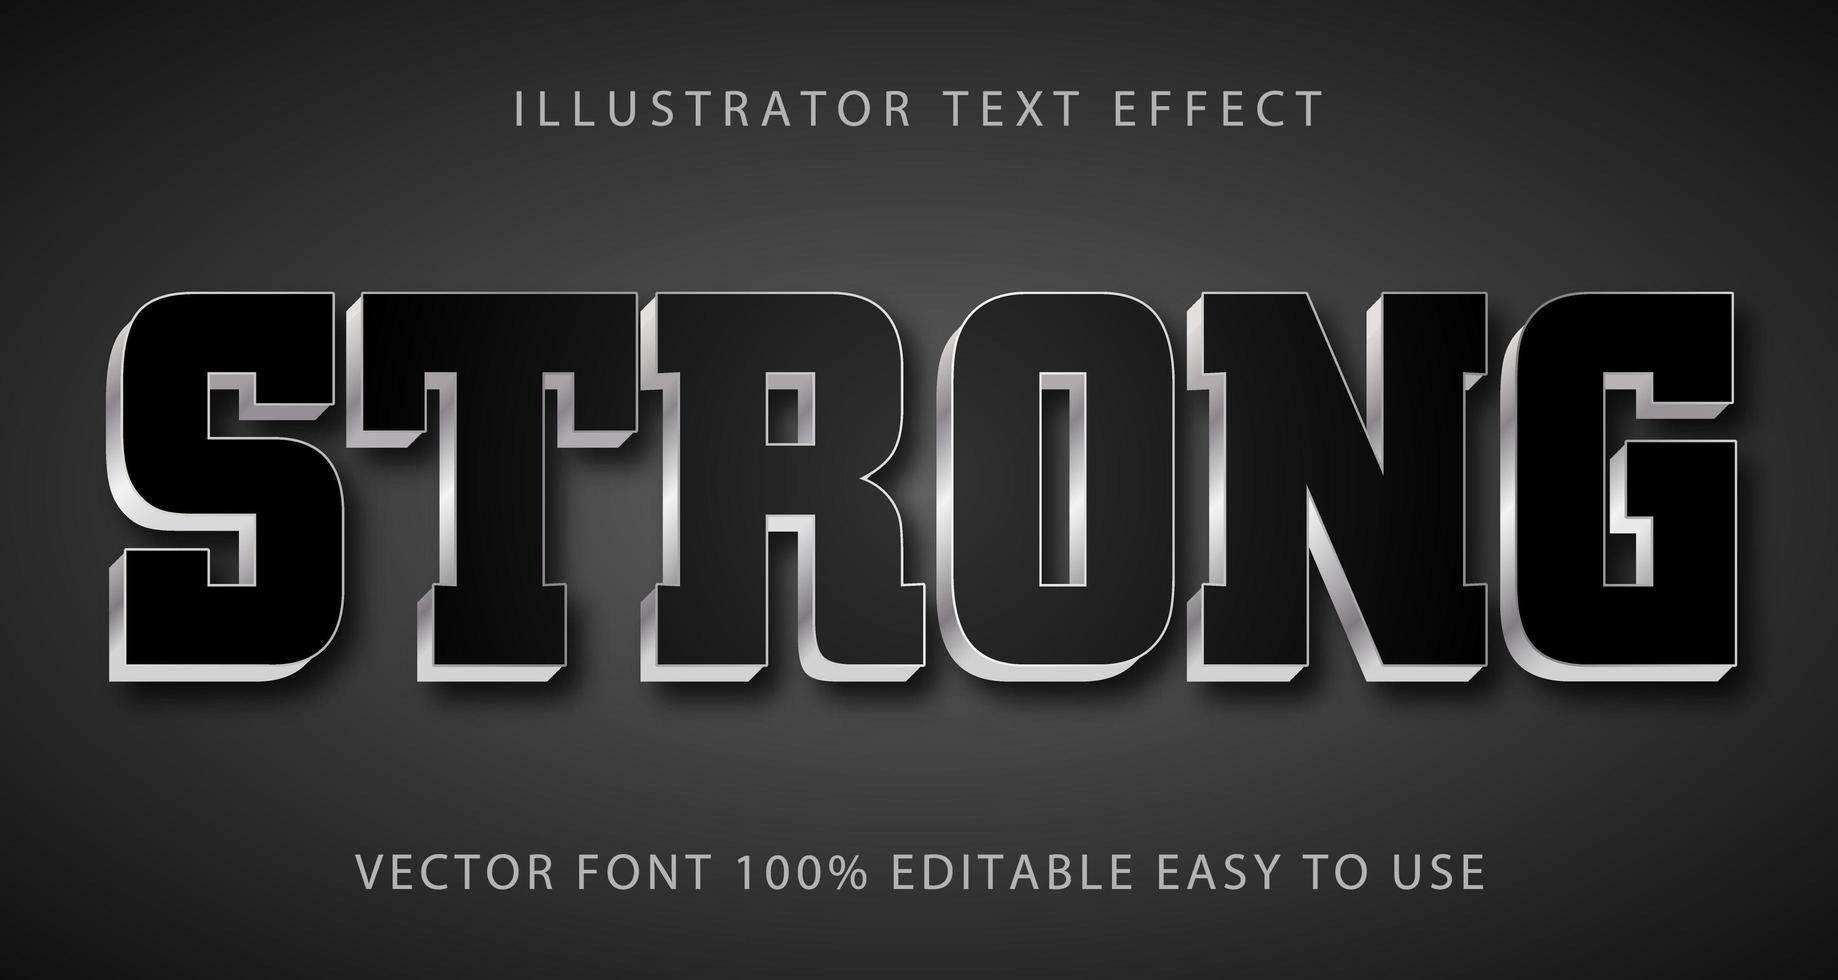 starker schwarzer, silbermetallischer Texteffekt vektor